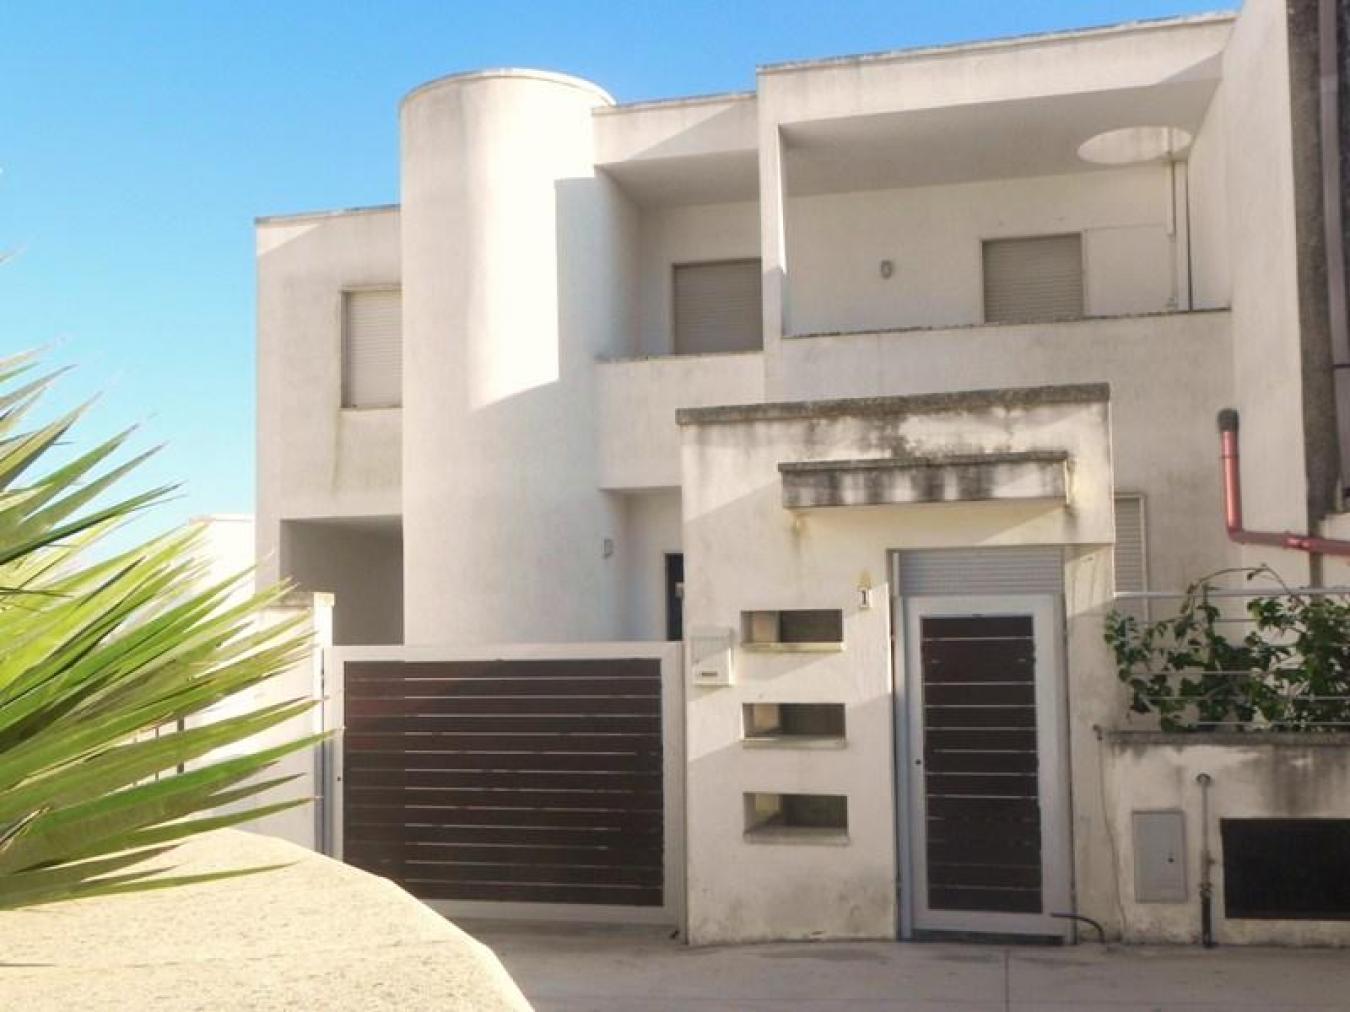 Appartamento in affitto a collepasso gallipoli per 8 persone for Quadri per appartamento